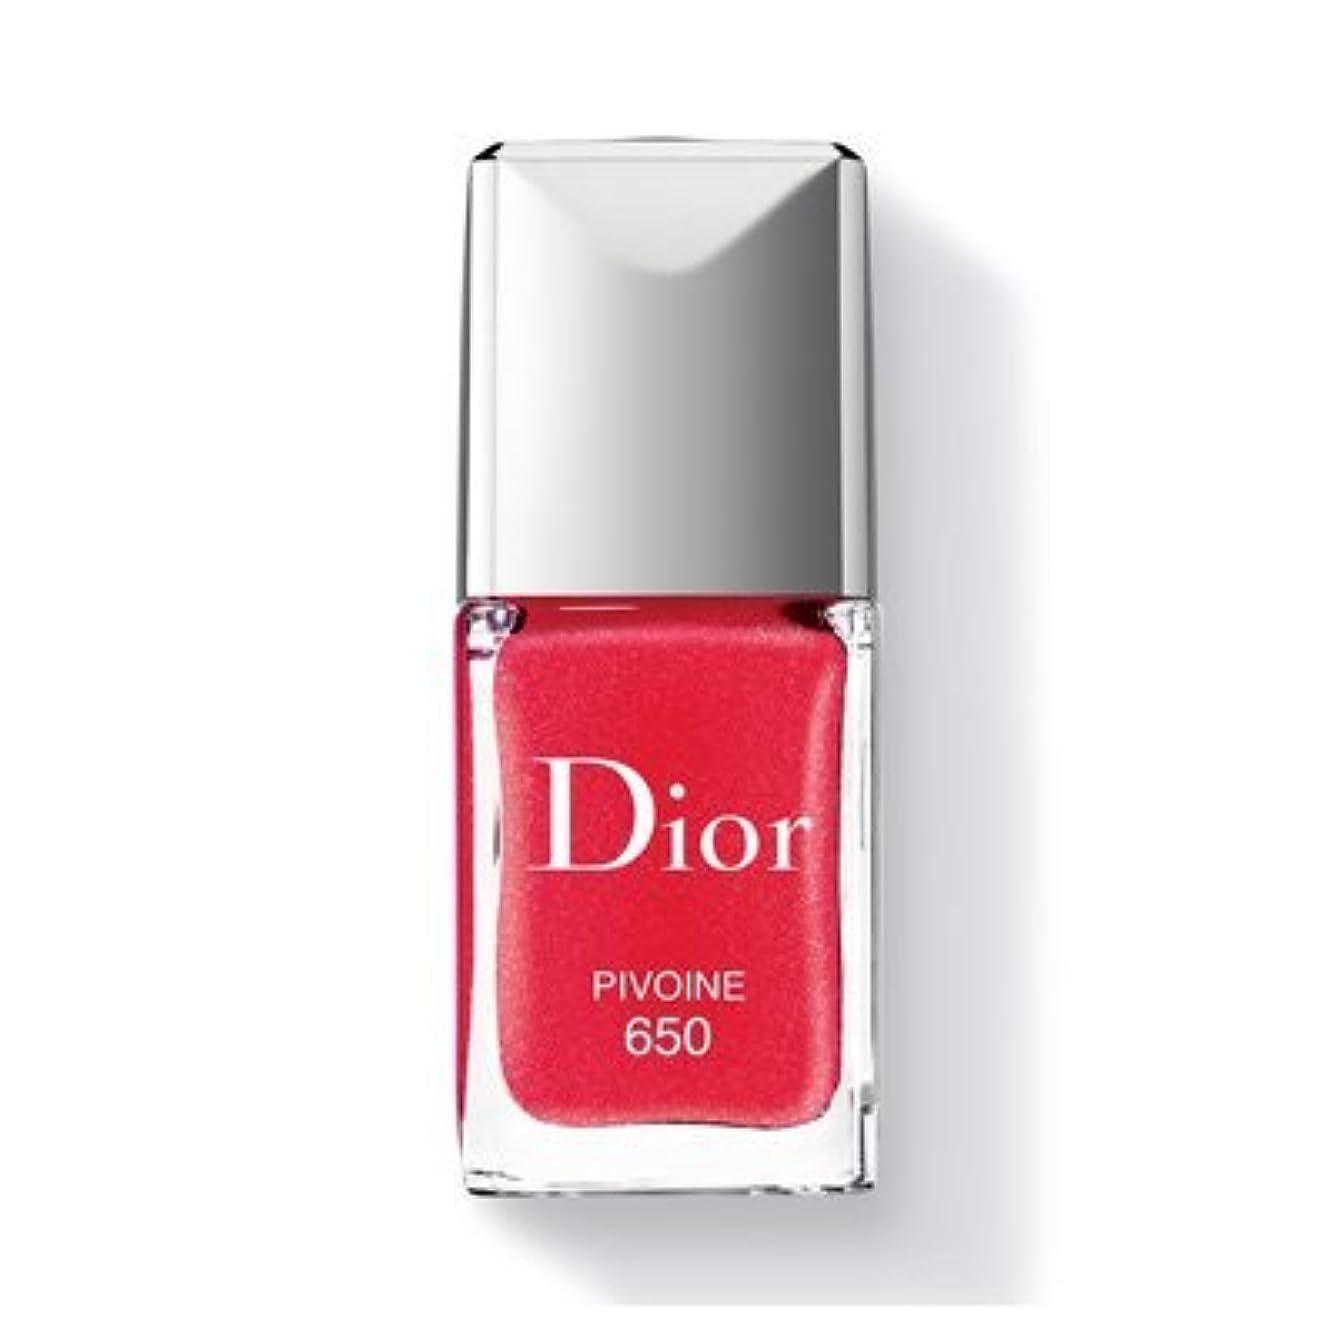 嫌な周りミキサーChristian Dior クリスチャン ディオール ディオール ヴェルニ #650 PIVOINE 10ml [並行輸入品]